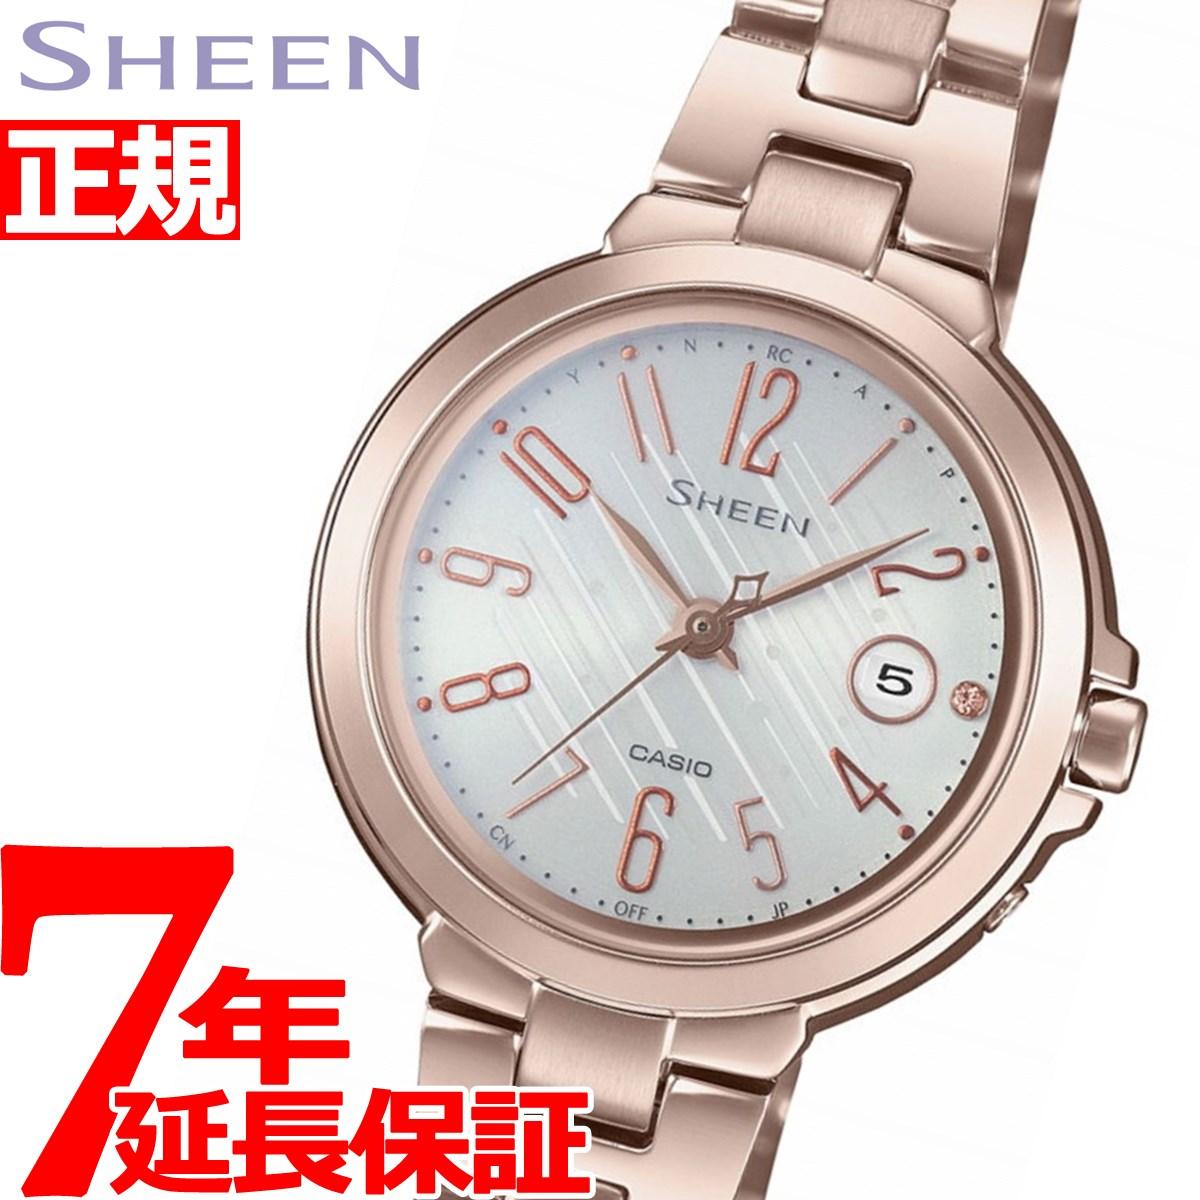 カシオ シーン CASIO SHEEN 電波 ソーラー 電波時計 腕時計 レディース SHW-5100CG-7AJF【2018 新作】